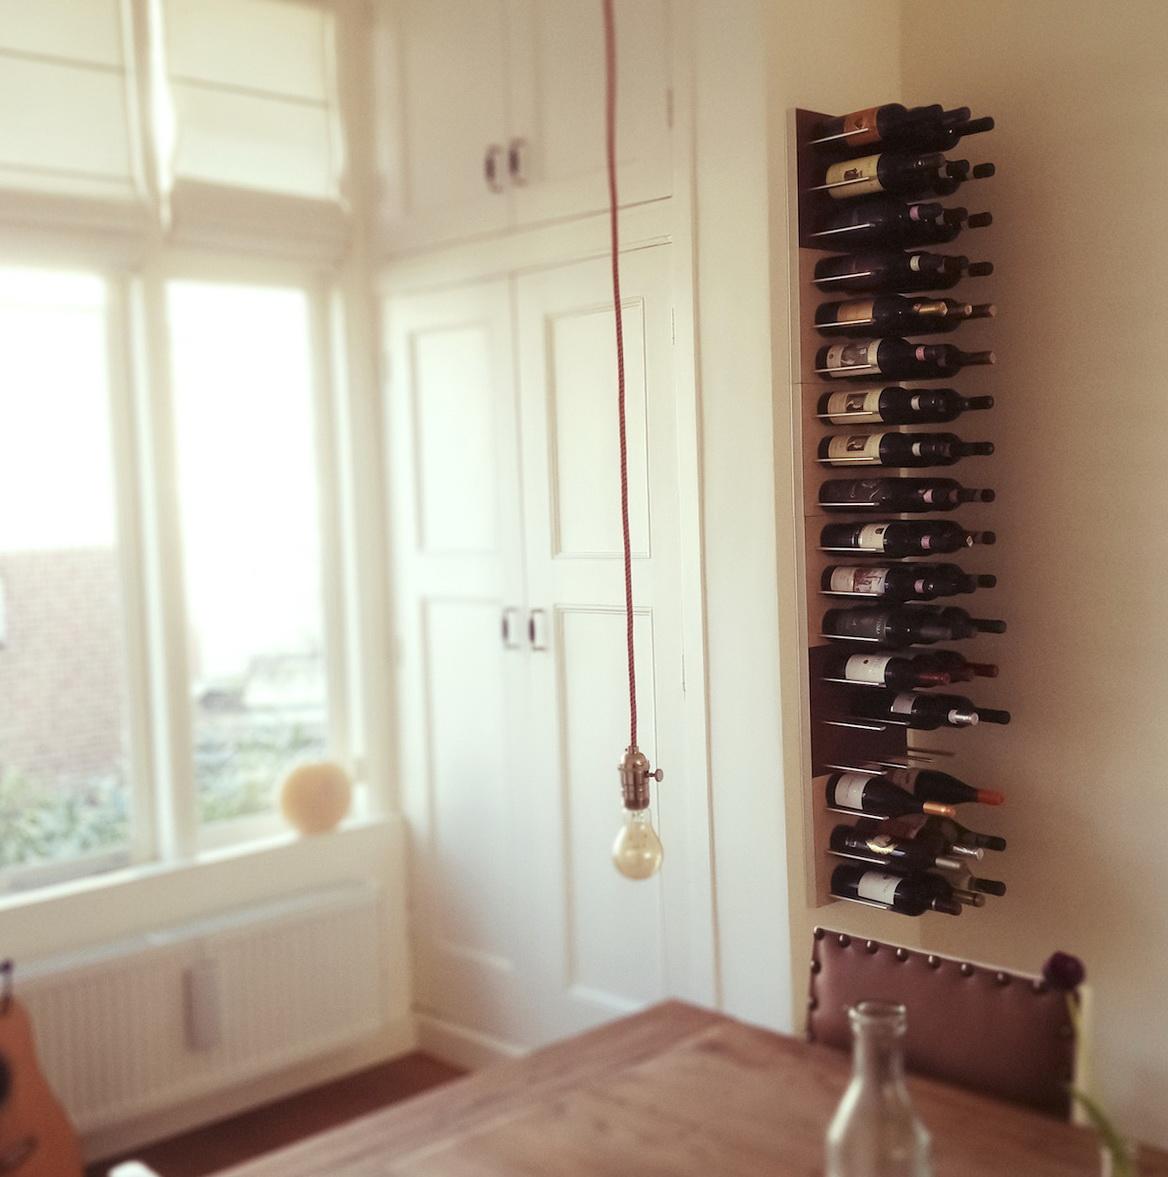 Wine Cellar Racks Ikea | Home Design Ideas